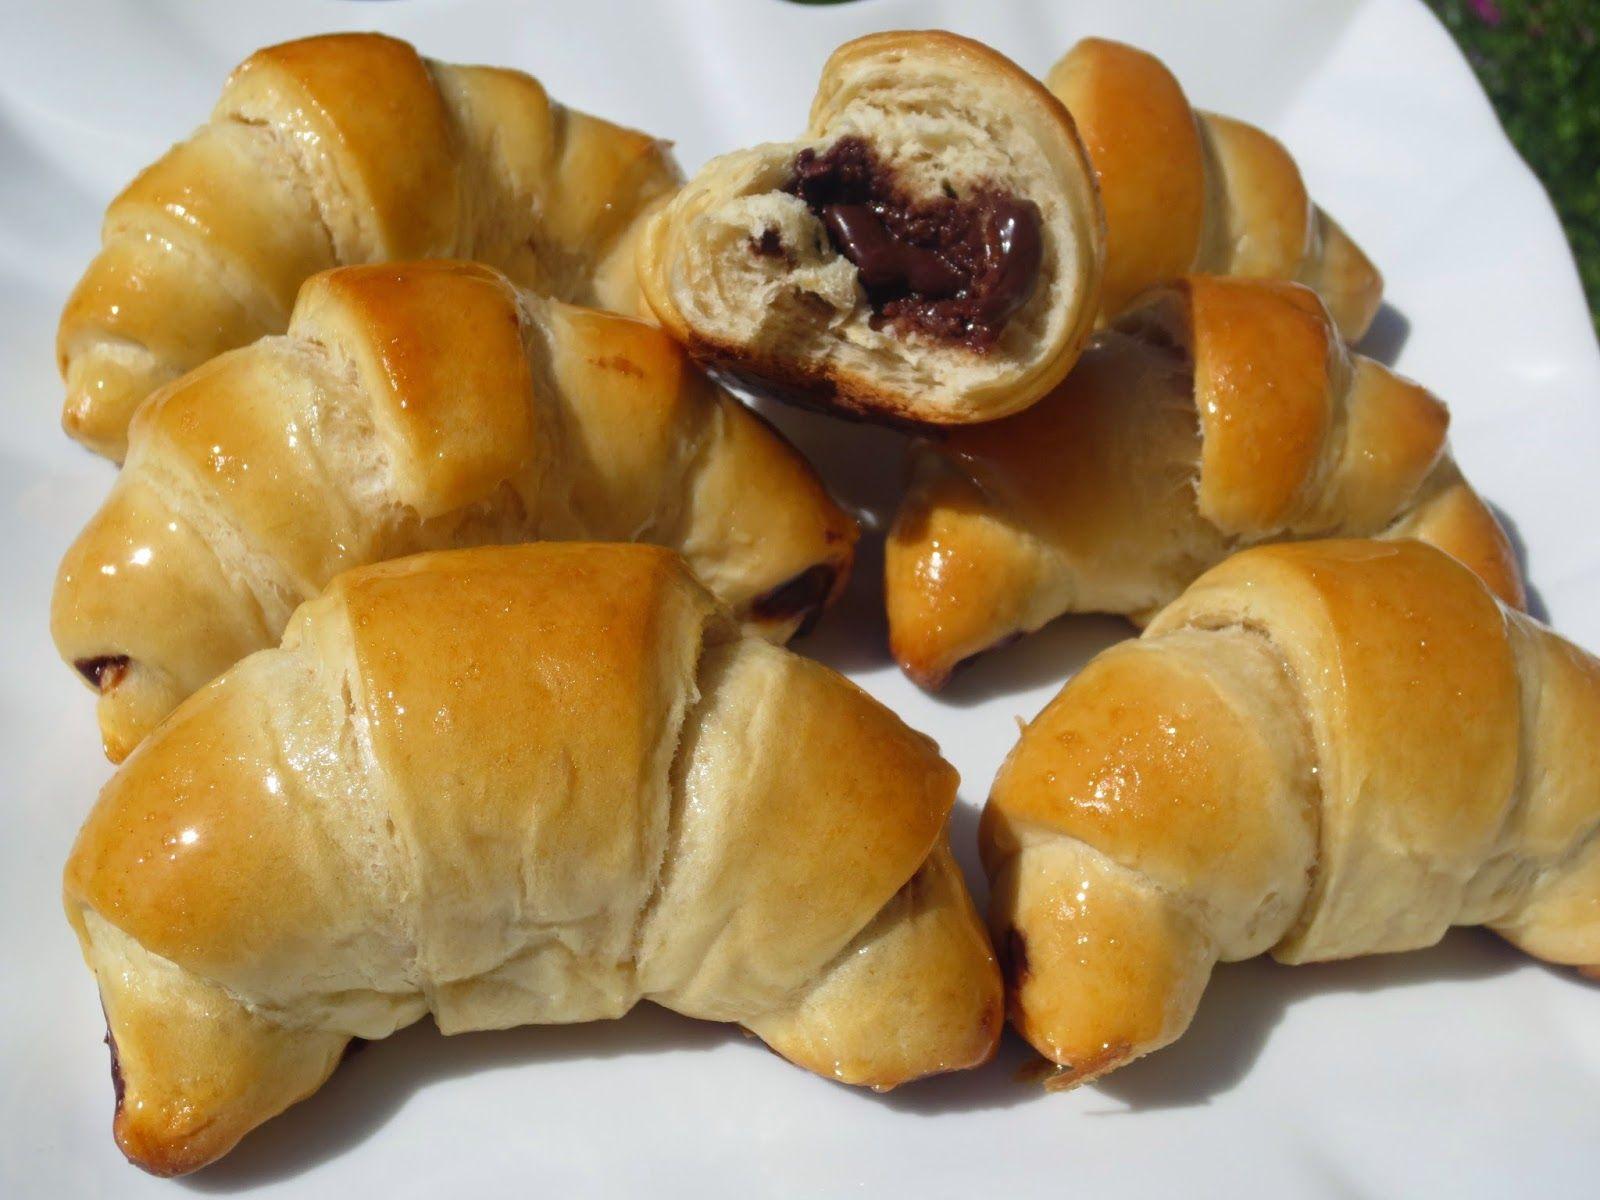 Cuernos o croisants rellenos de chocolate ana sevilla con - Bollycao thermomix ...